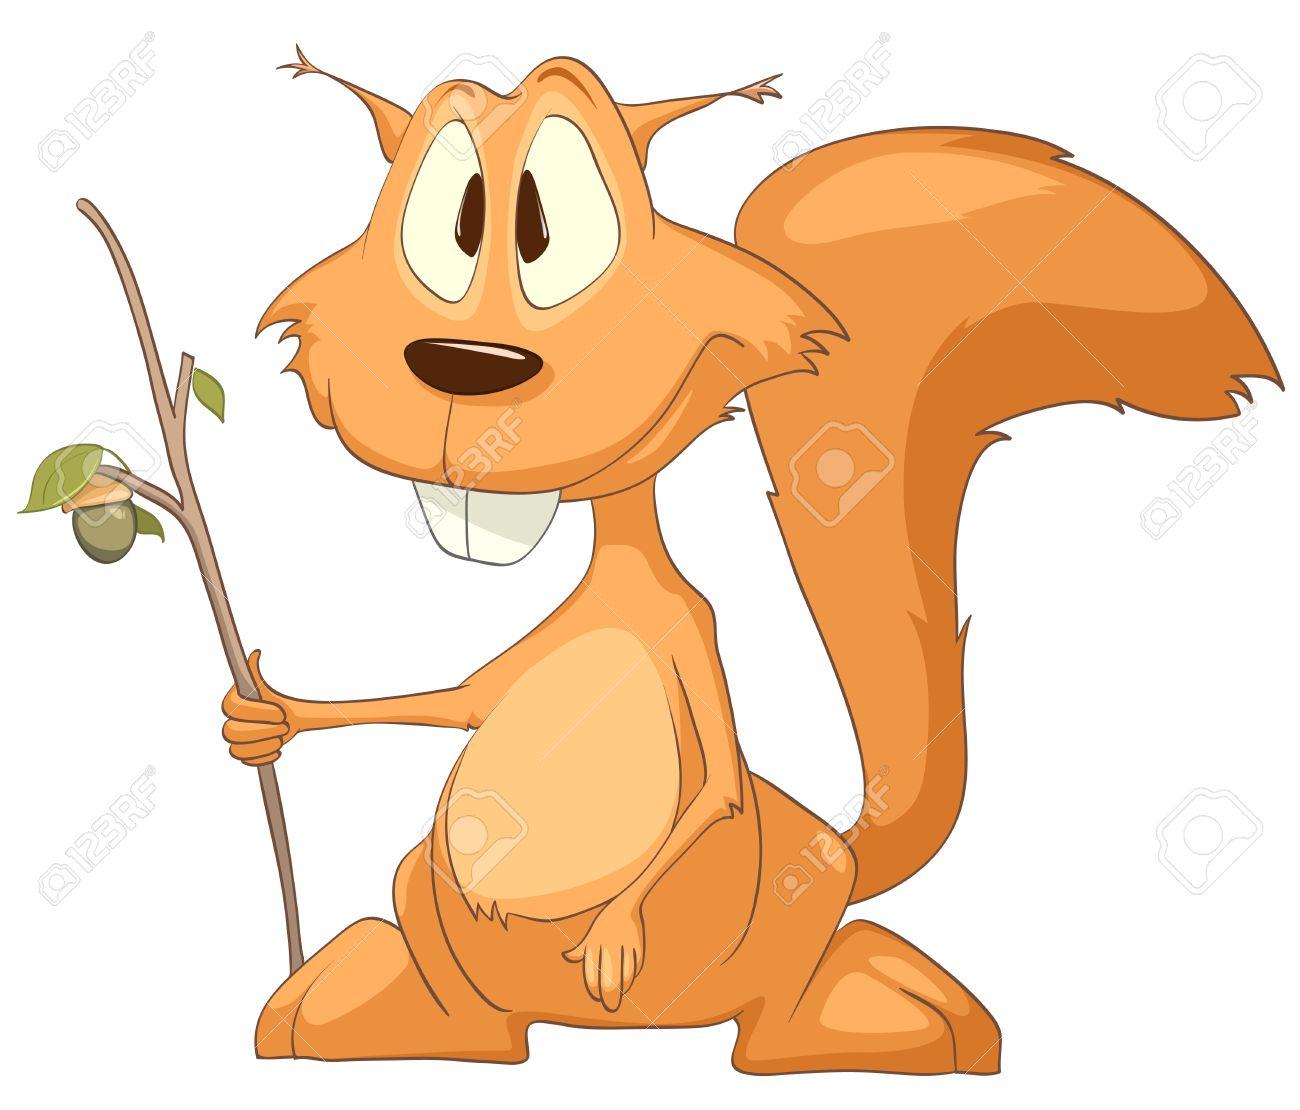 Cartoon Character Squirrel Stock Vector - 10613995